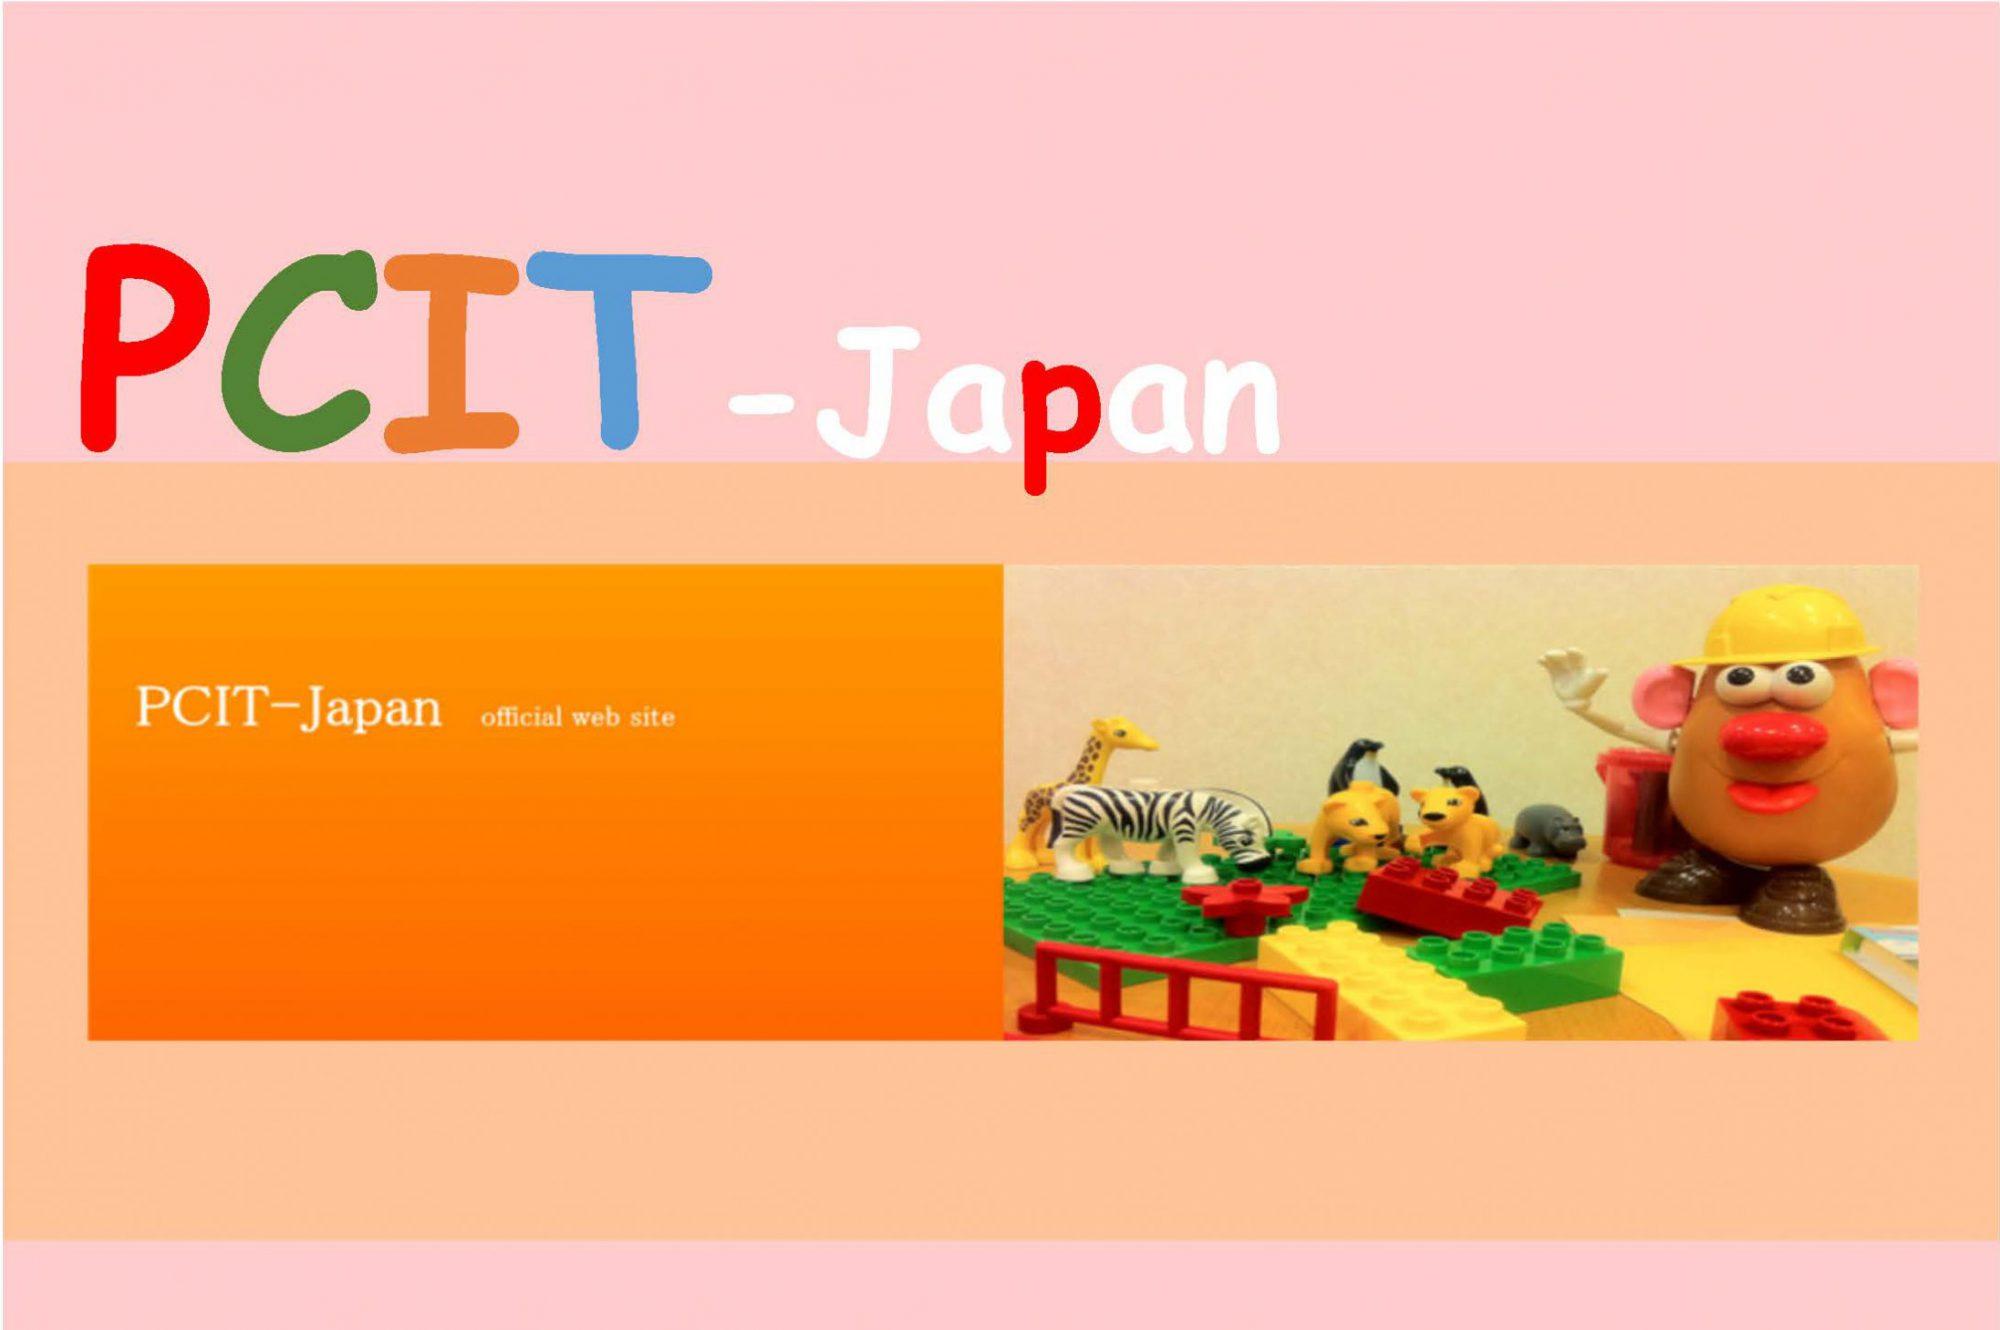 PCIT-Japan